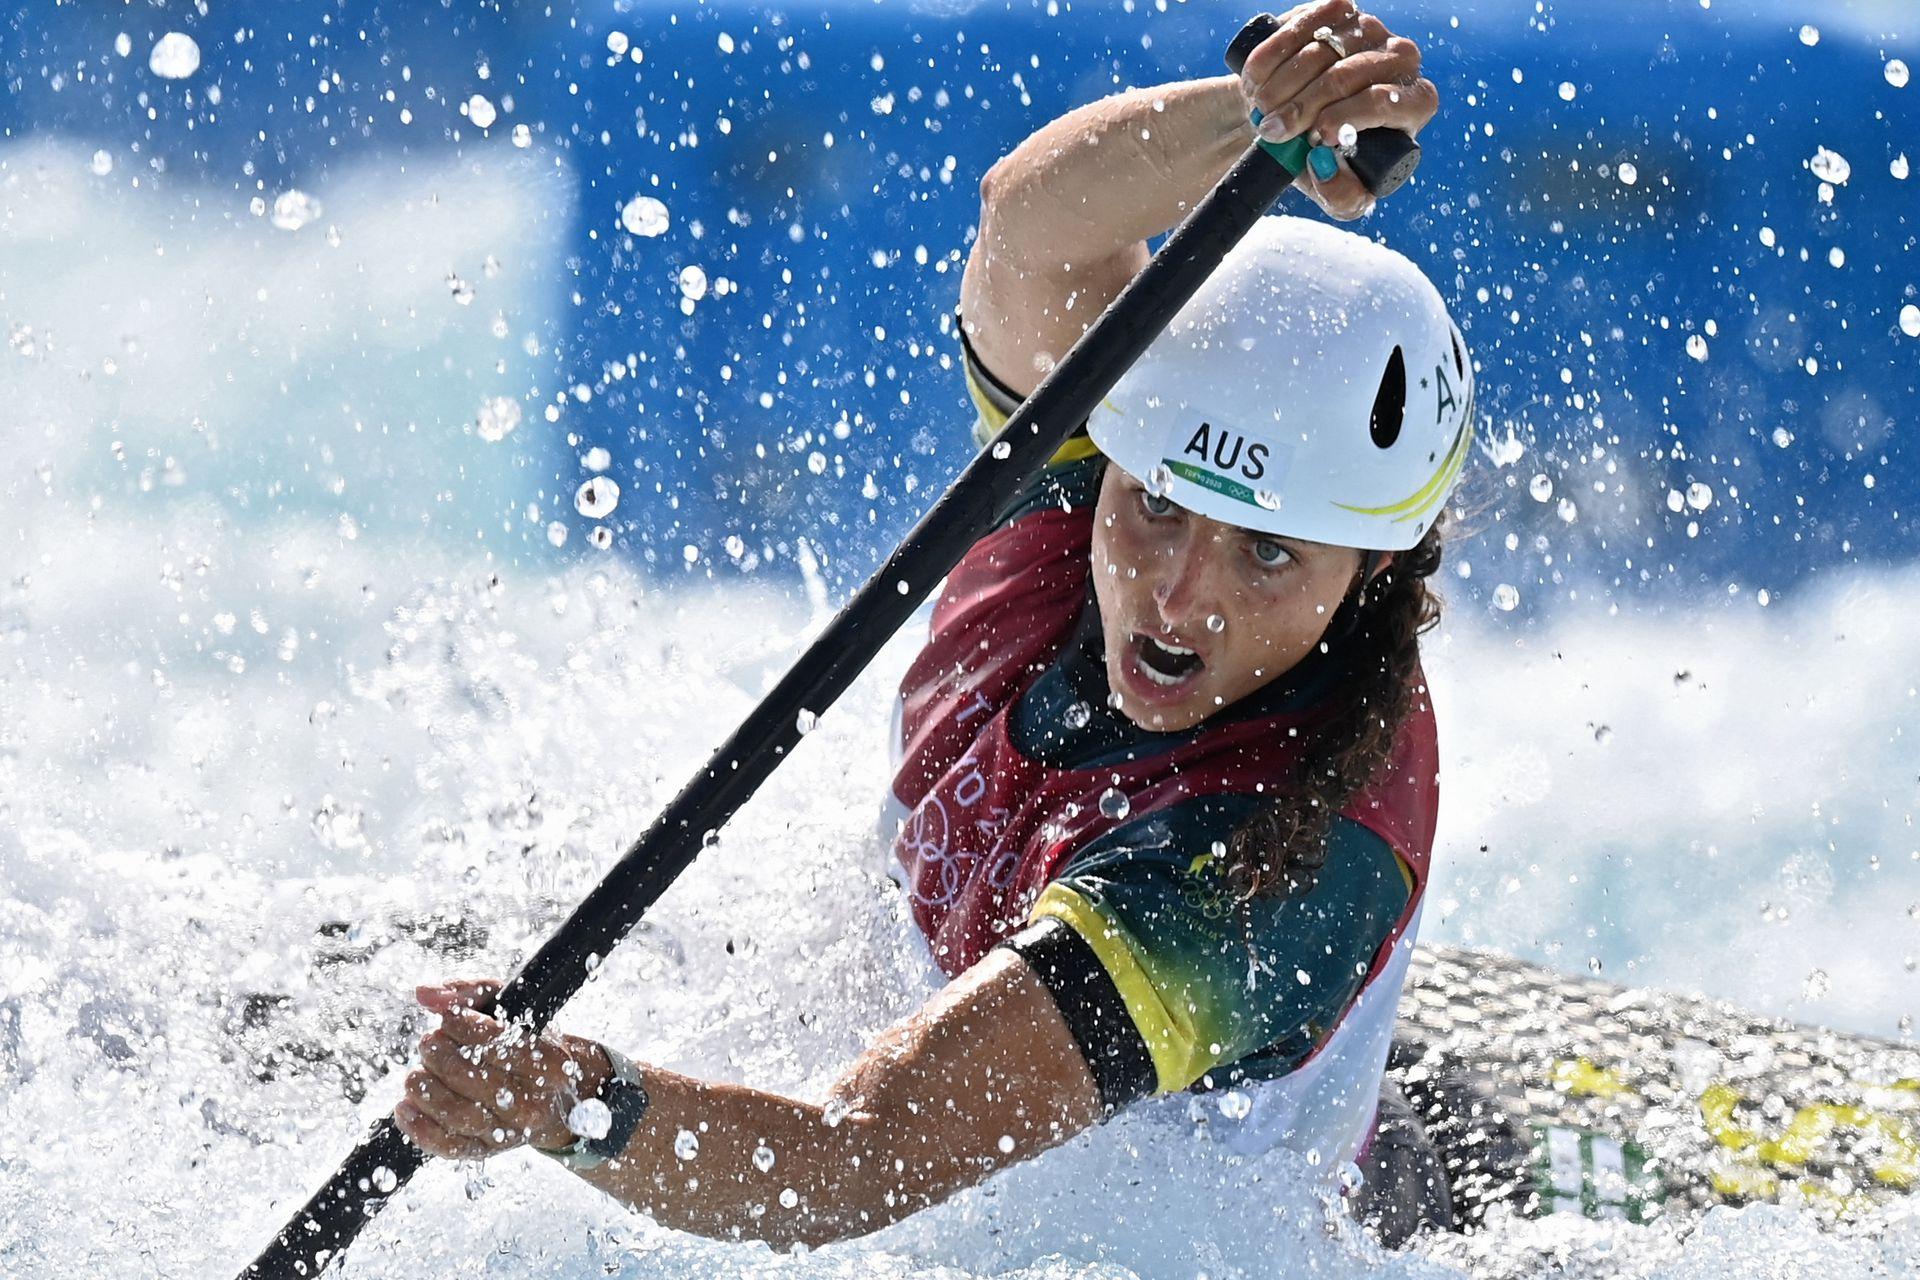 La australiana Jessica Fox compite en la semifinal femenina de canoa durante los Juegos Olímpicos de Tokio 2020 en el Kasai Canoe Slalom Center en Tokio el 29 de julio de 2021.